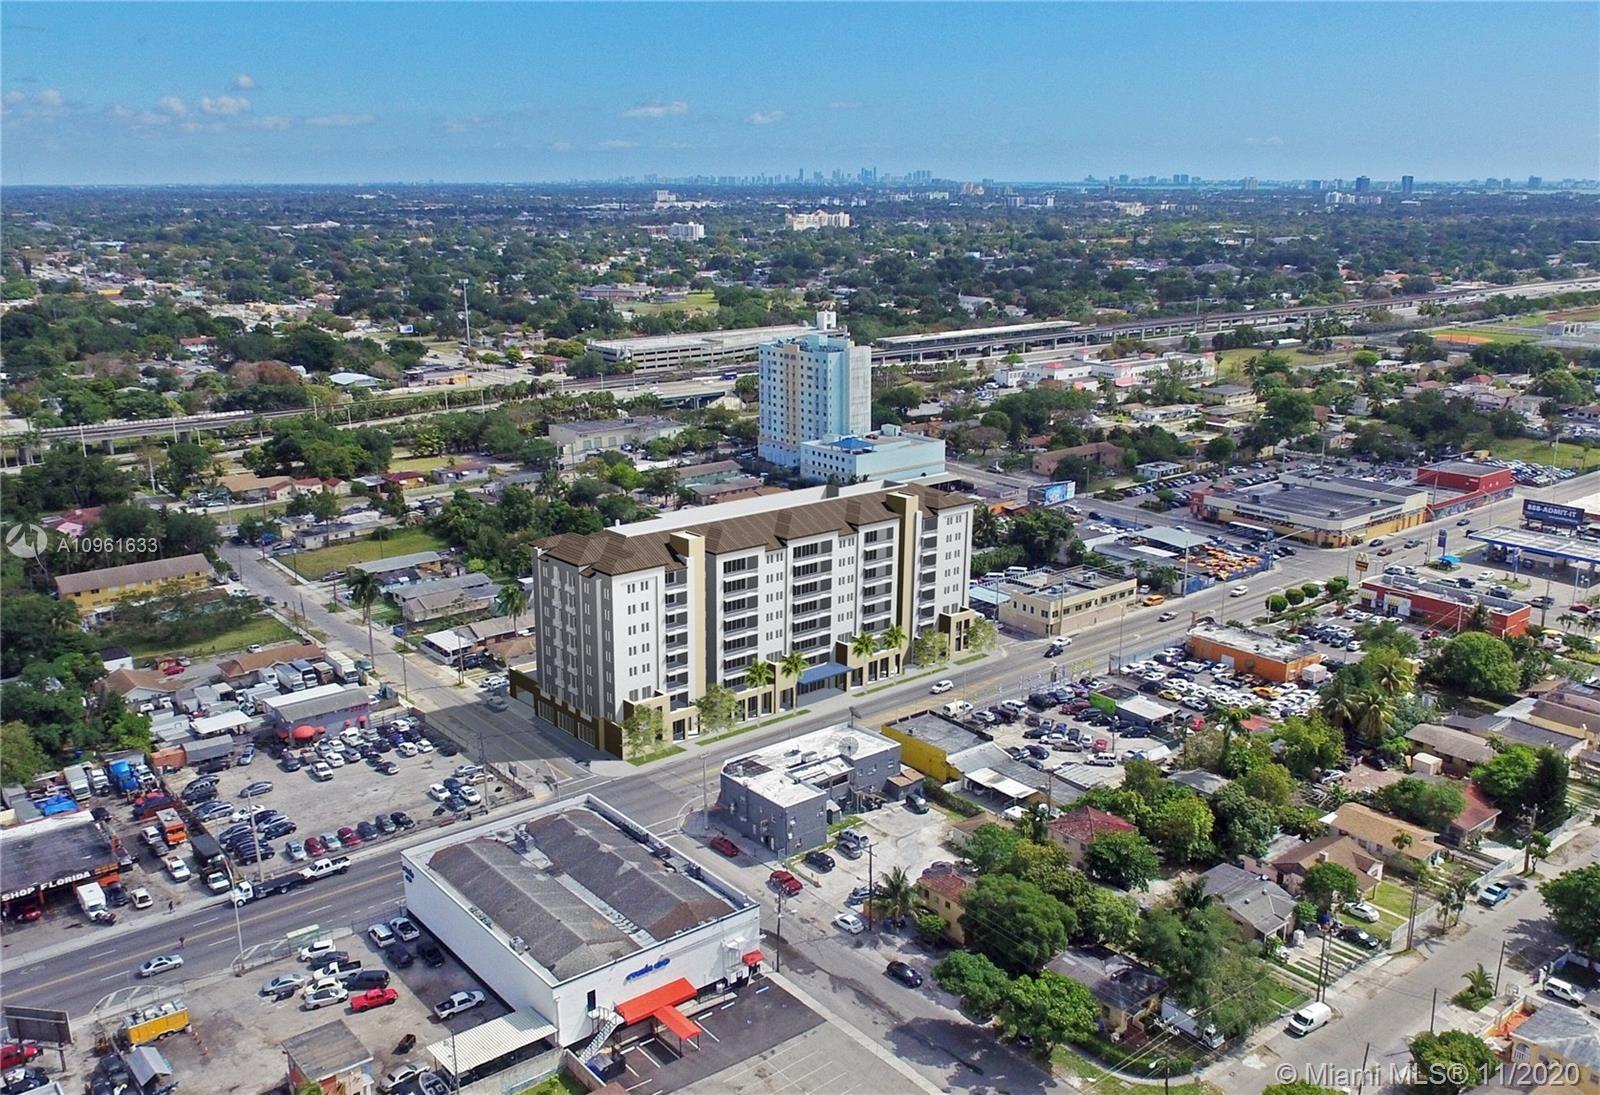 2267 NW 36th St, Miami, FL 33142